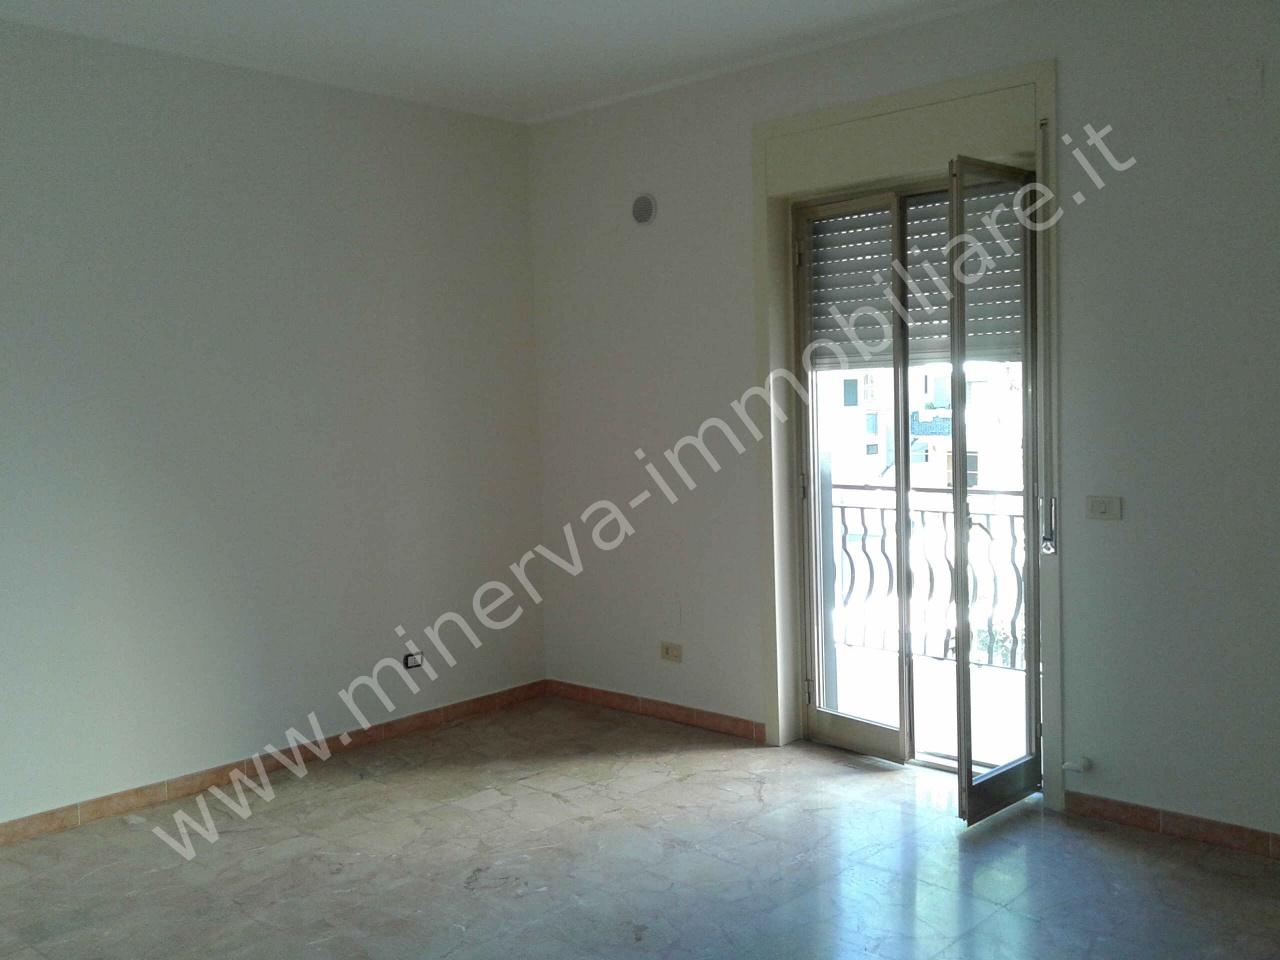 Appartamento in affitto a Lentini, 5 locali, prezzo € 450 | PortaleAgenzieImmobiliari.it